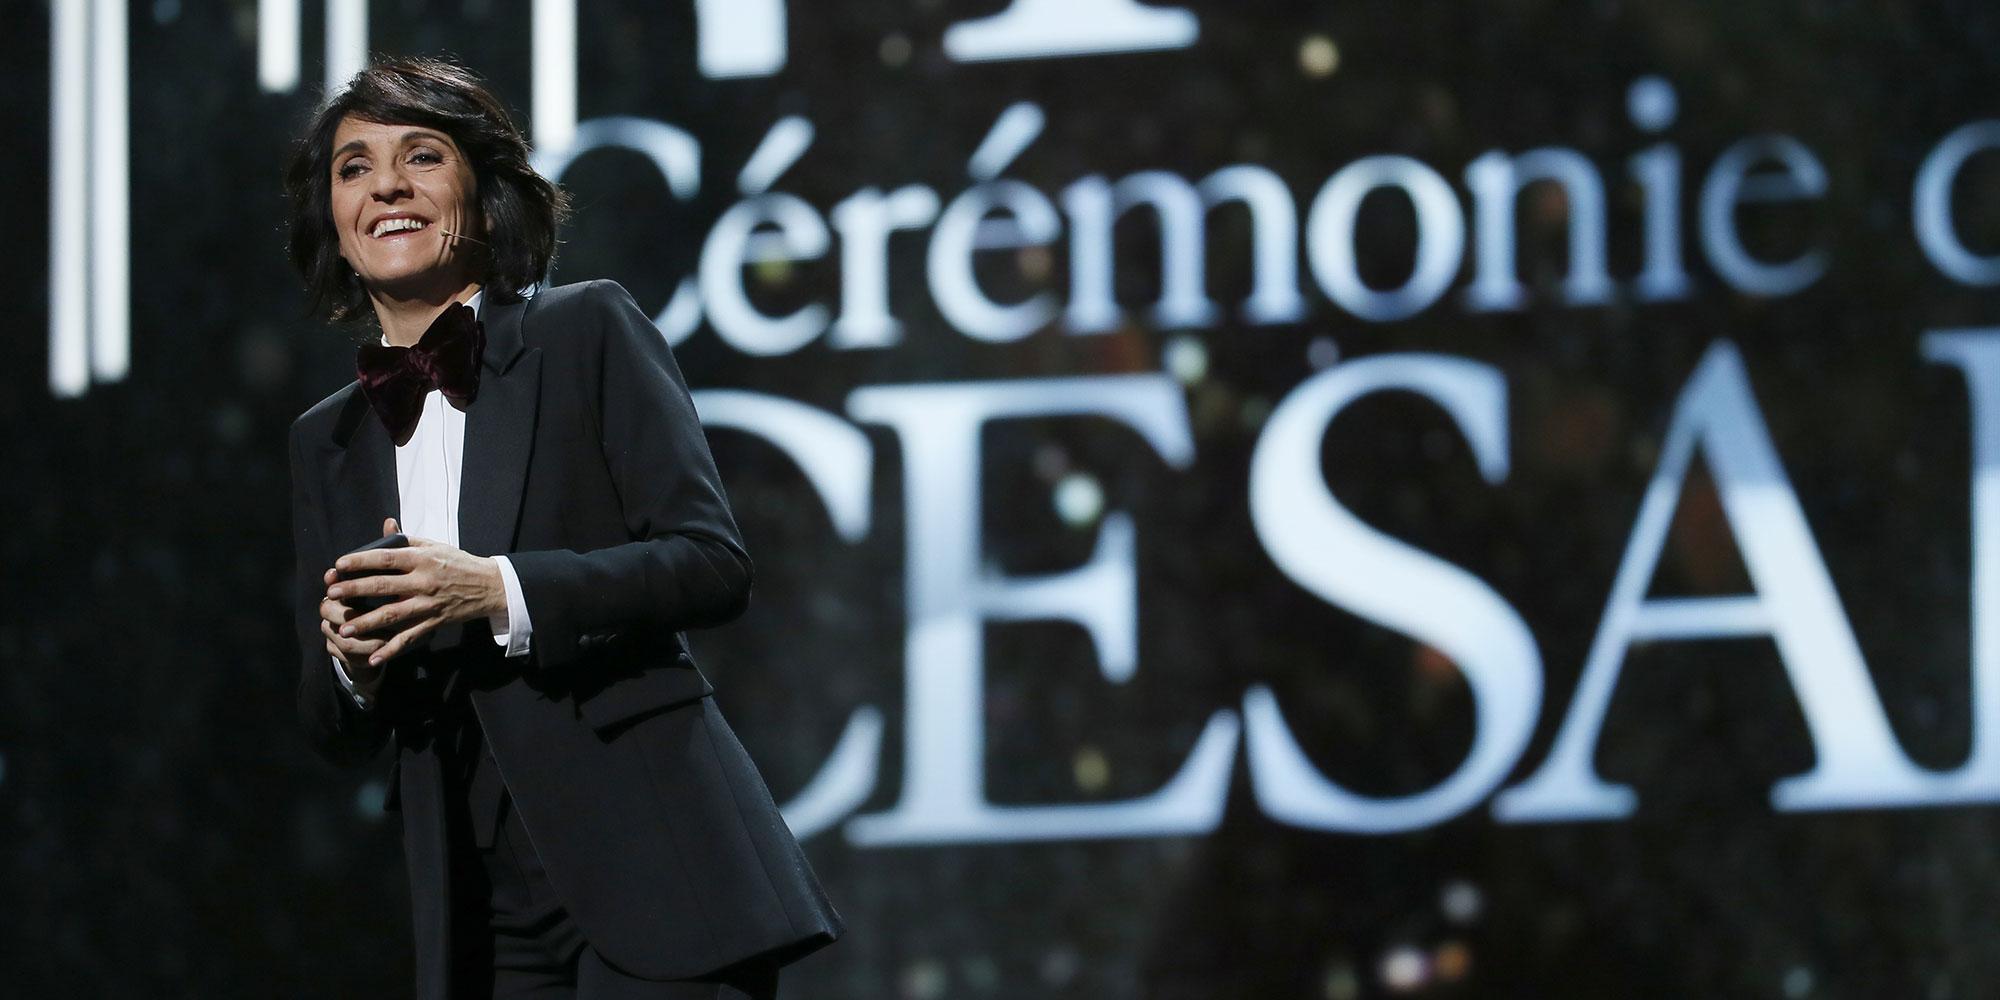 Césars 2020 : Florence Foresti devrait revenir sur la polémique Polanski pendant la cérémonie